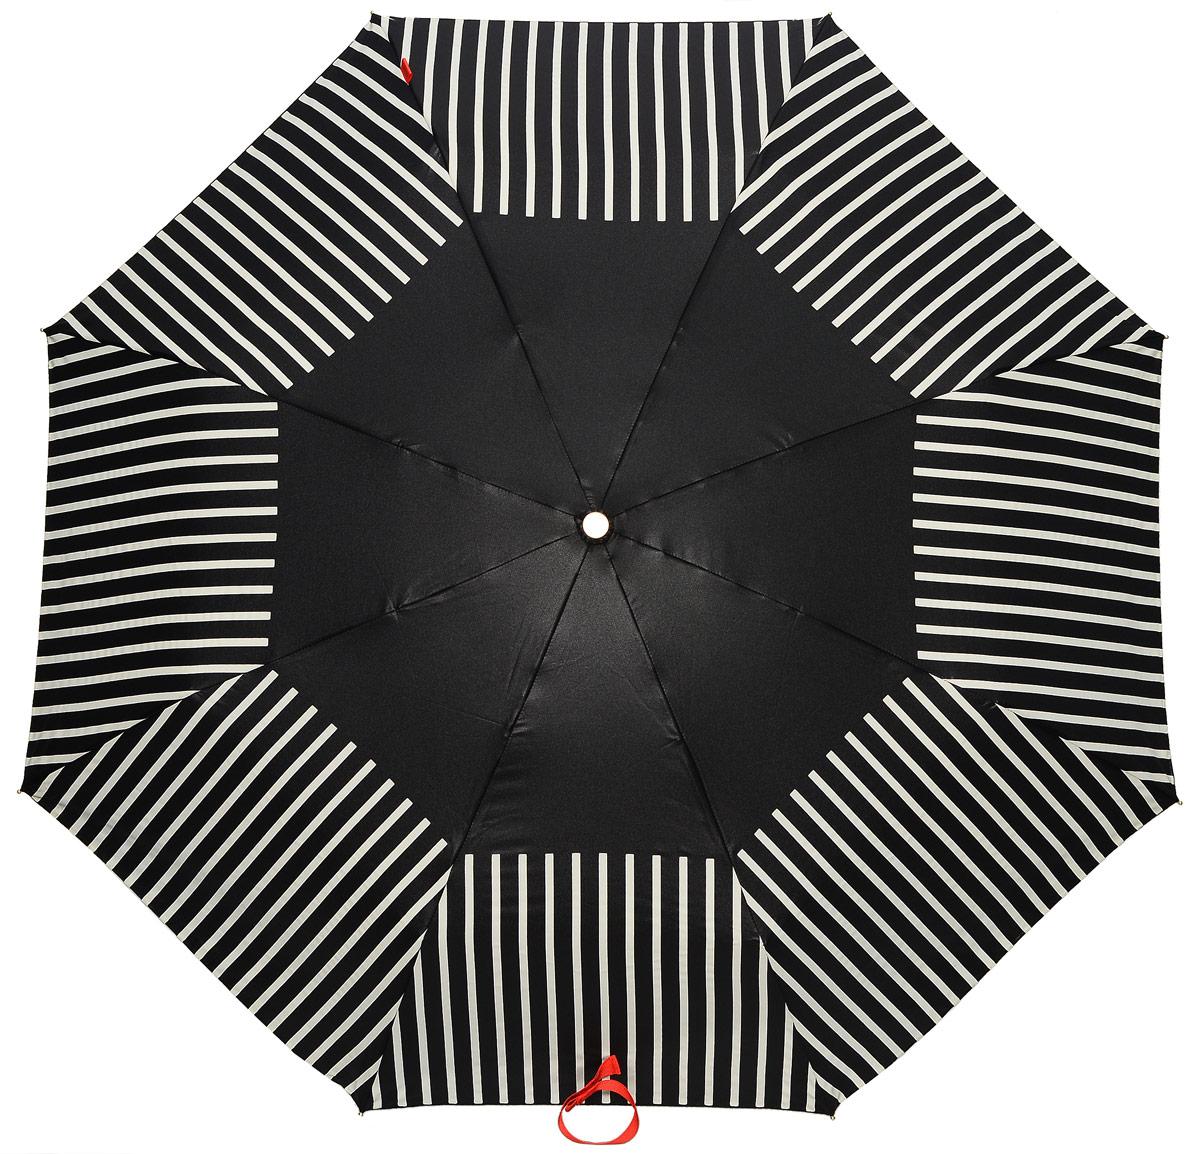 M&P 5789-1 Зонт полный автом. 3 сл. жен.5789-1Зонт испанского производителя Clima. В производстве зонтов используются современные материалы, что делает зонты легкими, но в то же время крепкими.Полный автомат, 3 сложения, 7 спиц, полиэстер.